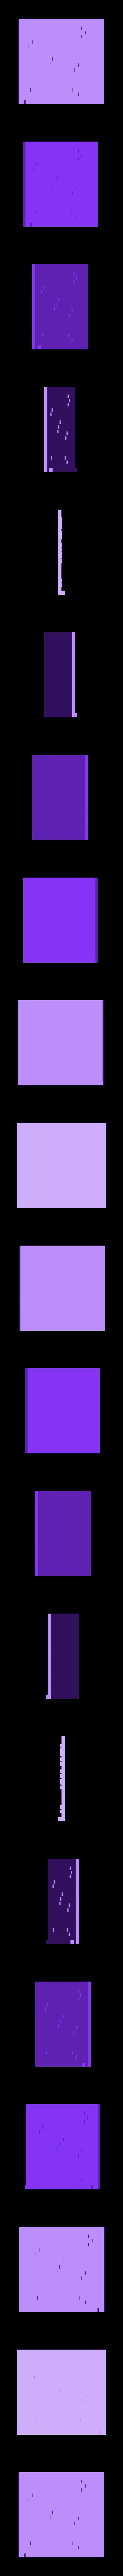 blank_wall1.stl Télécharger fichier STL gratuit Ripper's London - The (Modular) Factory • Modèle pour imprimante 3D, Earsling